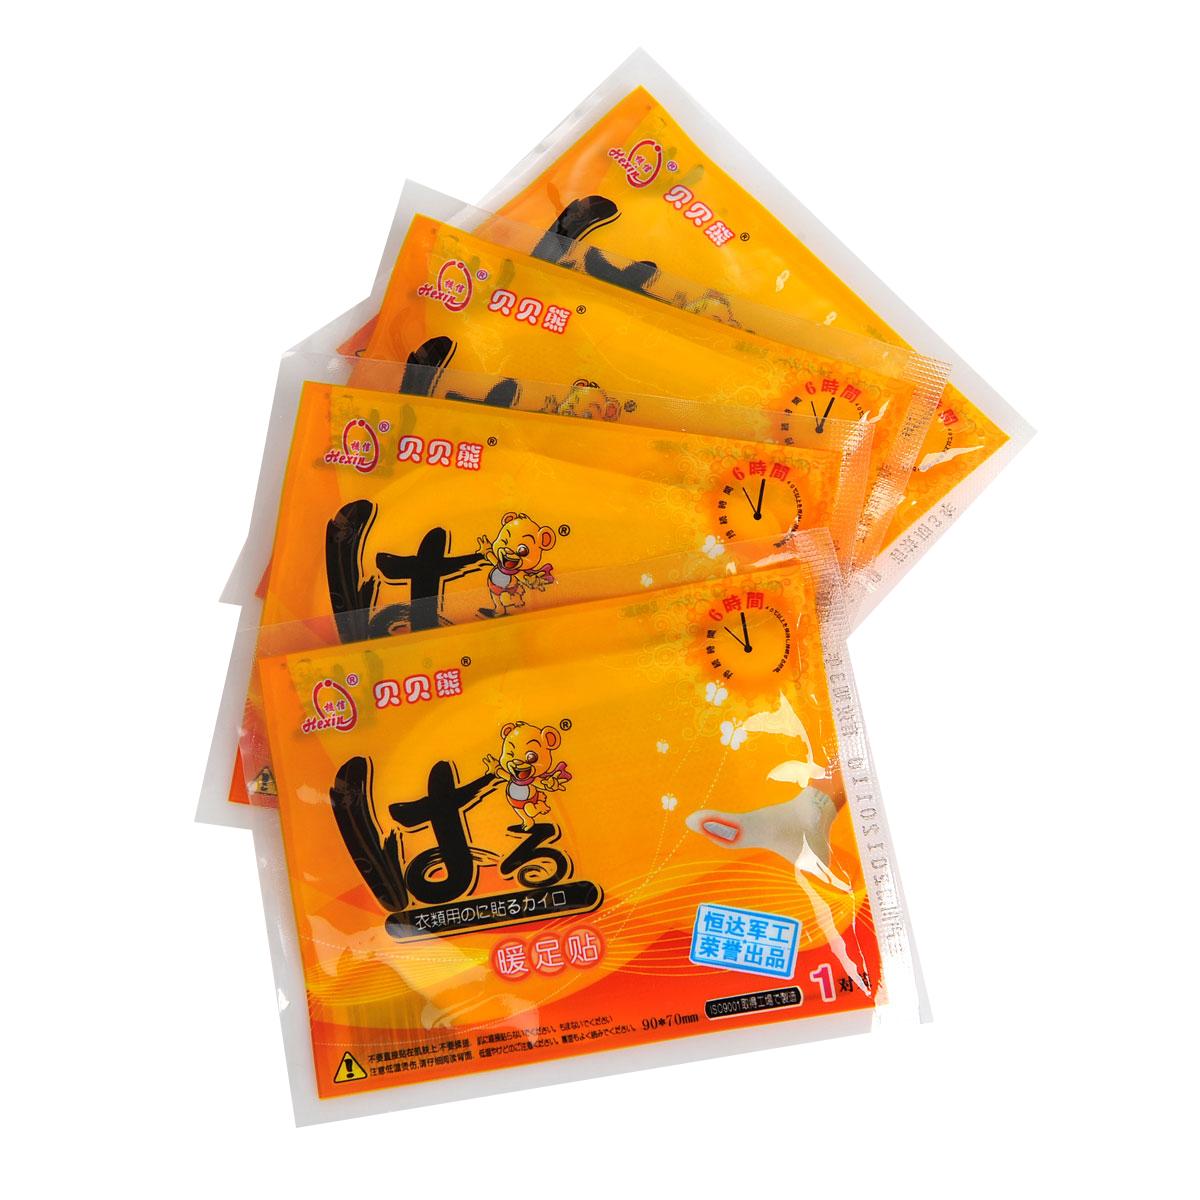 贝贝熊  保暖贴暖足贴  暖脚贴  发热贴 正品中日文 价格:75.00